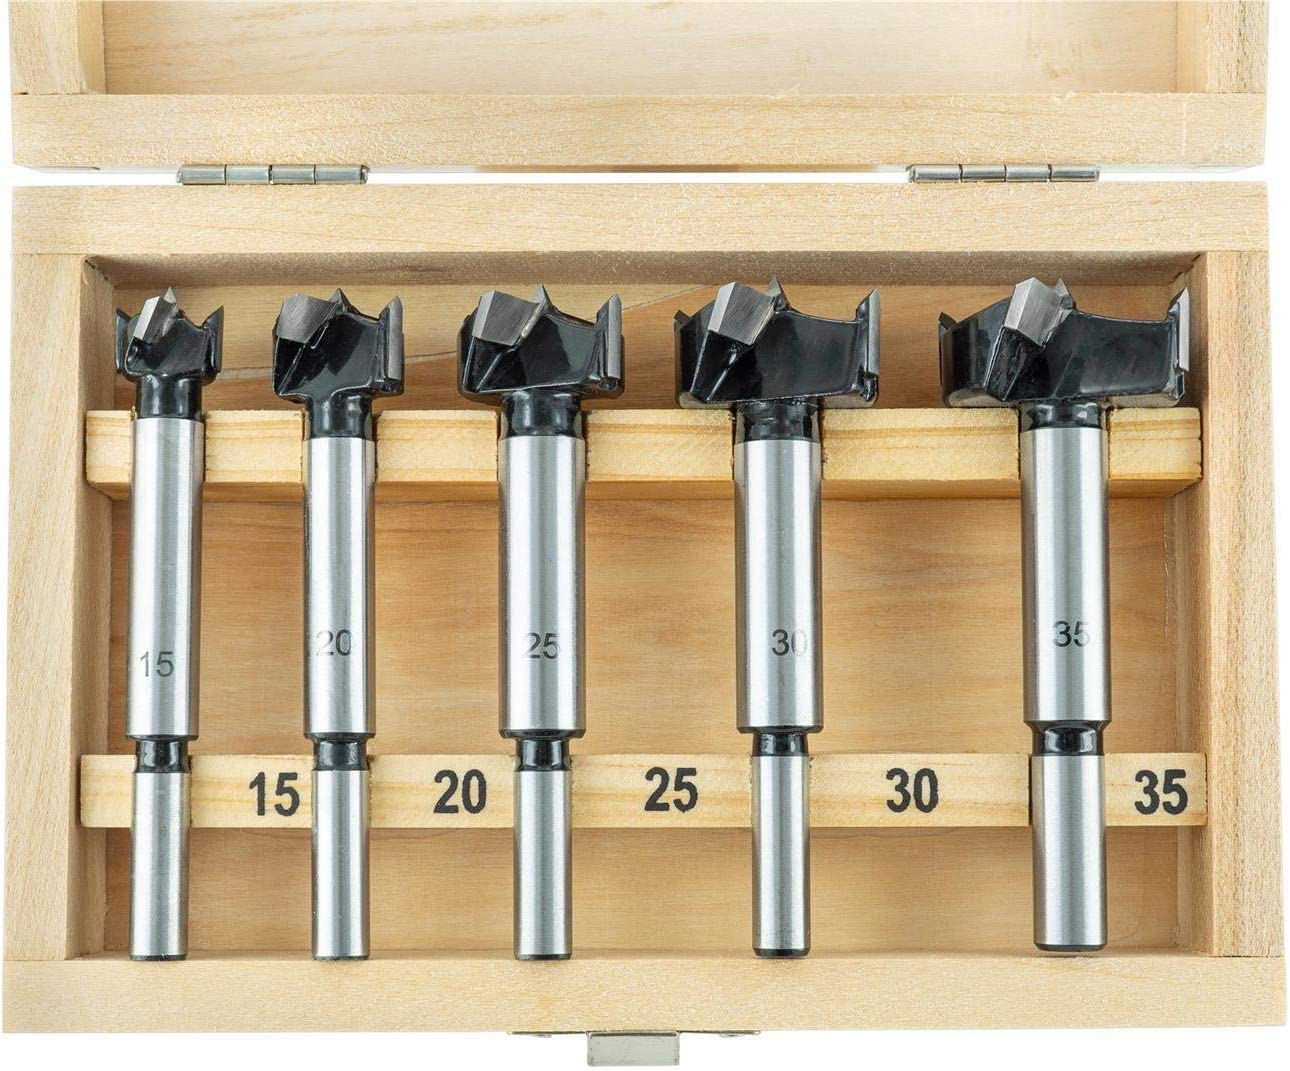 15 20 25 30 35 mm 10 mm STIER Forstnerbohrer Set in Holz Kasette 5 teilig